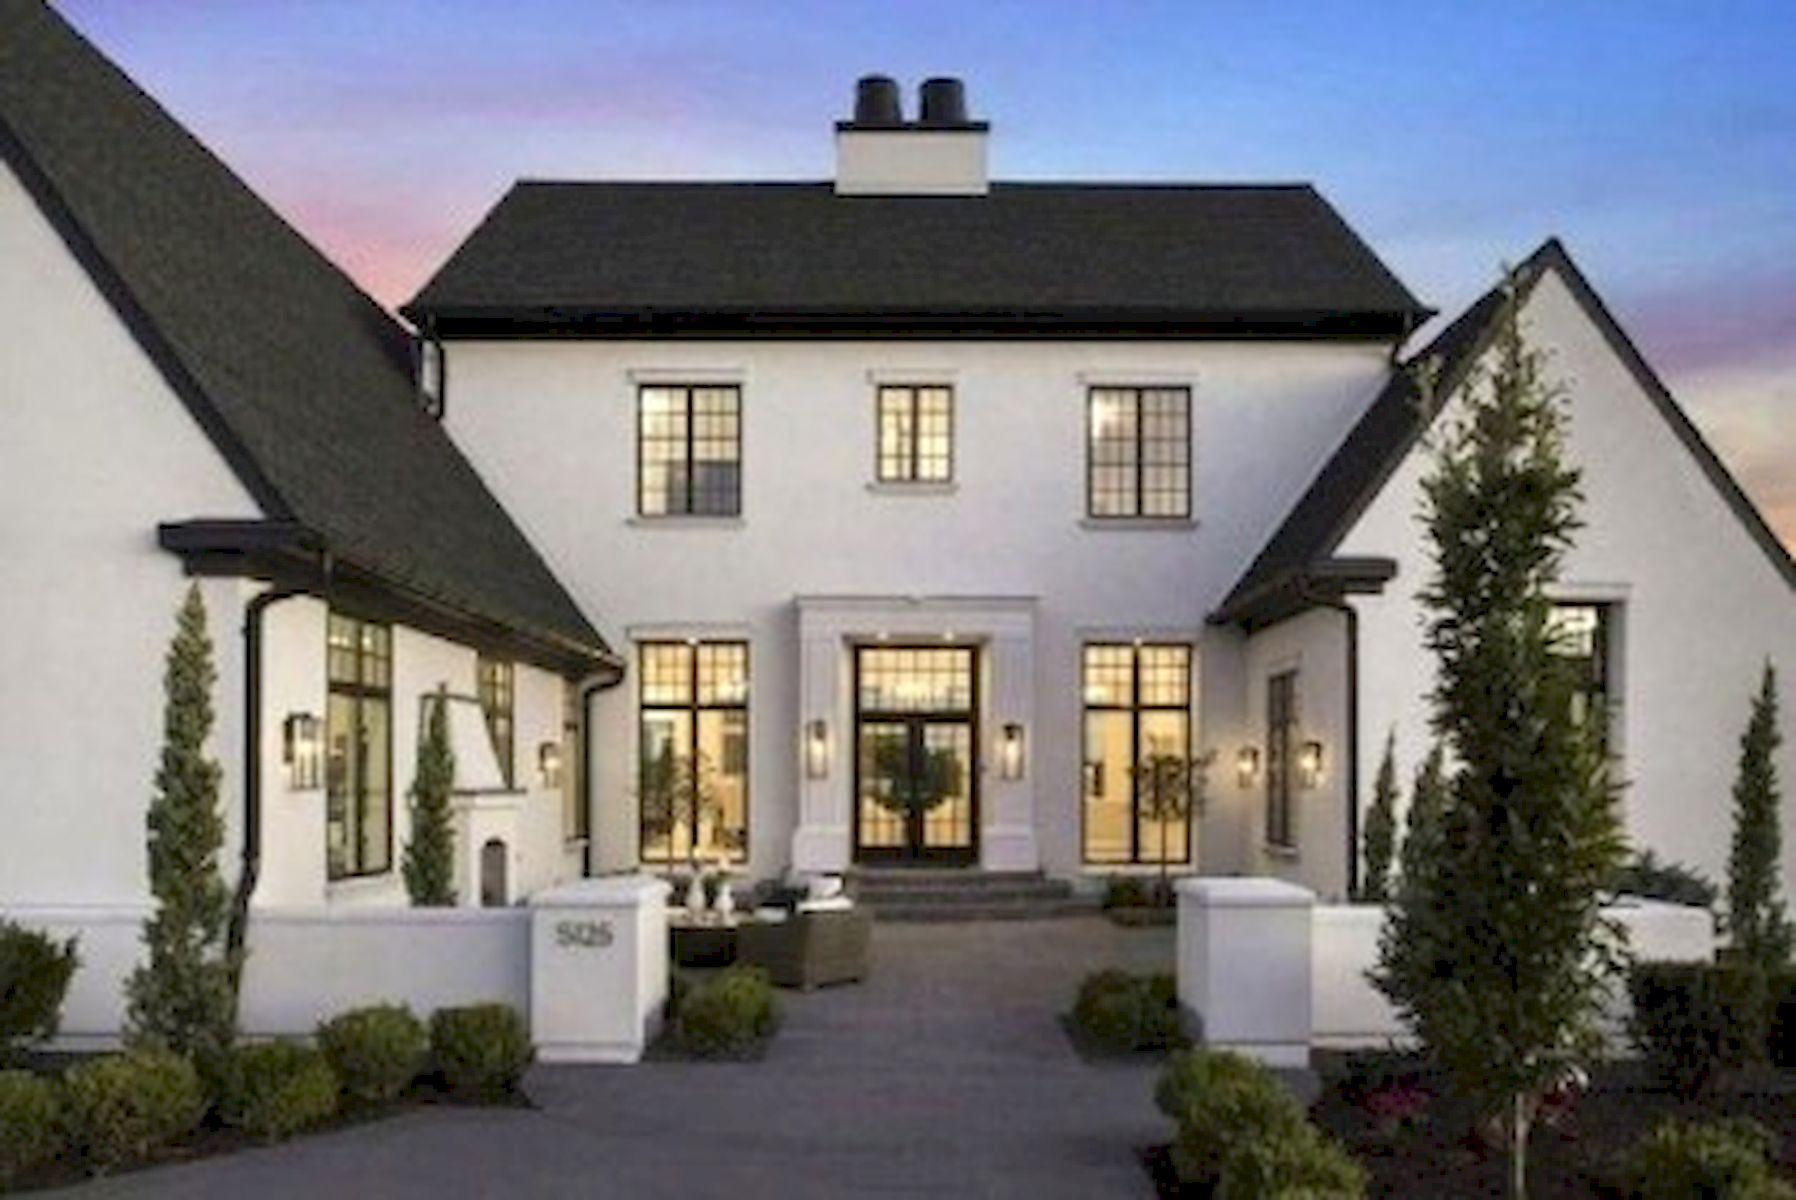 46 Awesome Farmhouse Home Exterior Design Ideas (45)